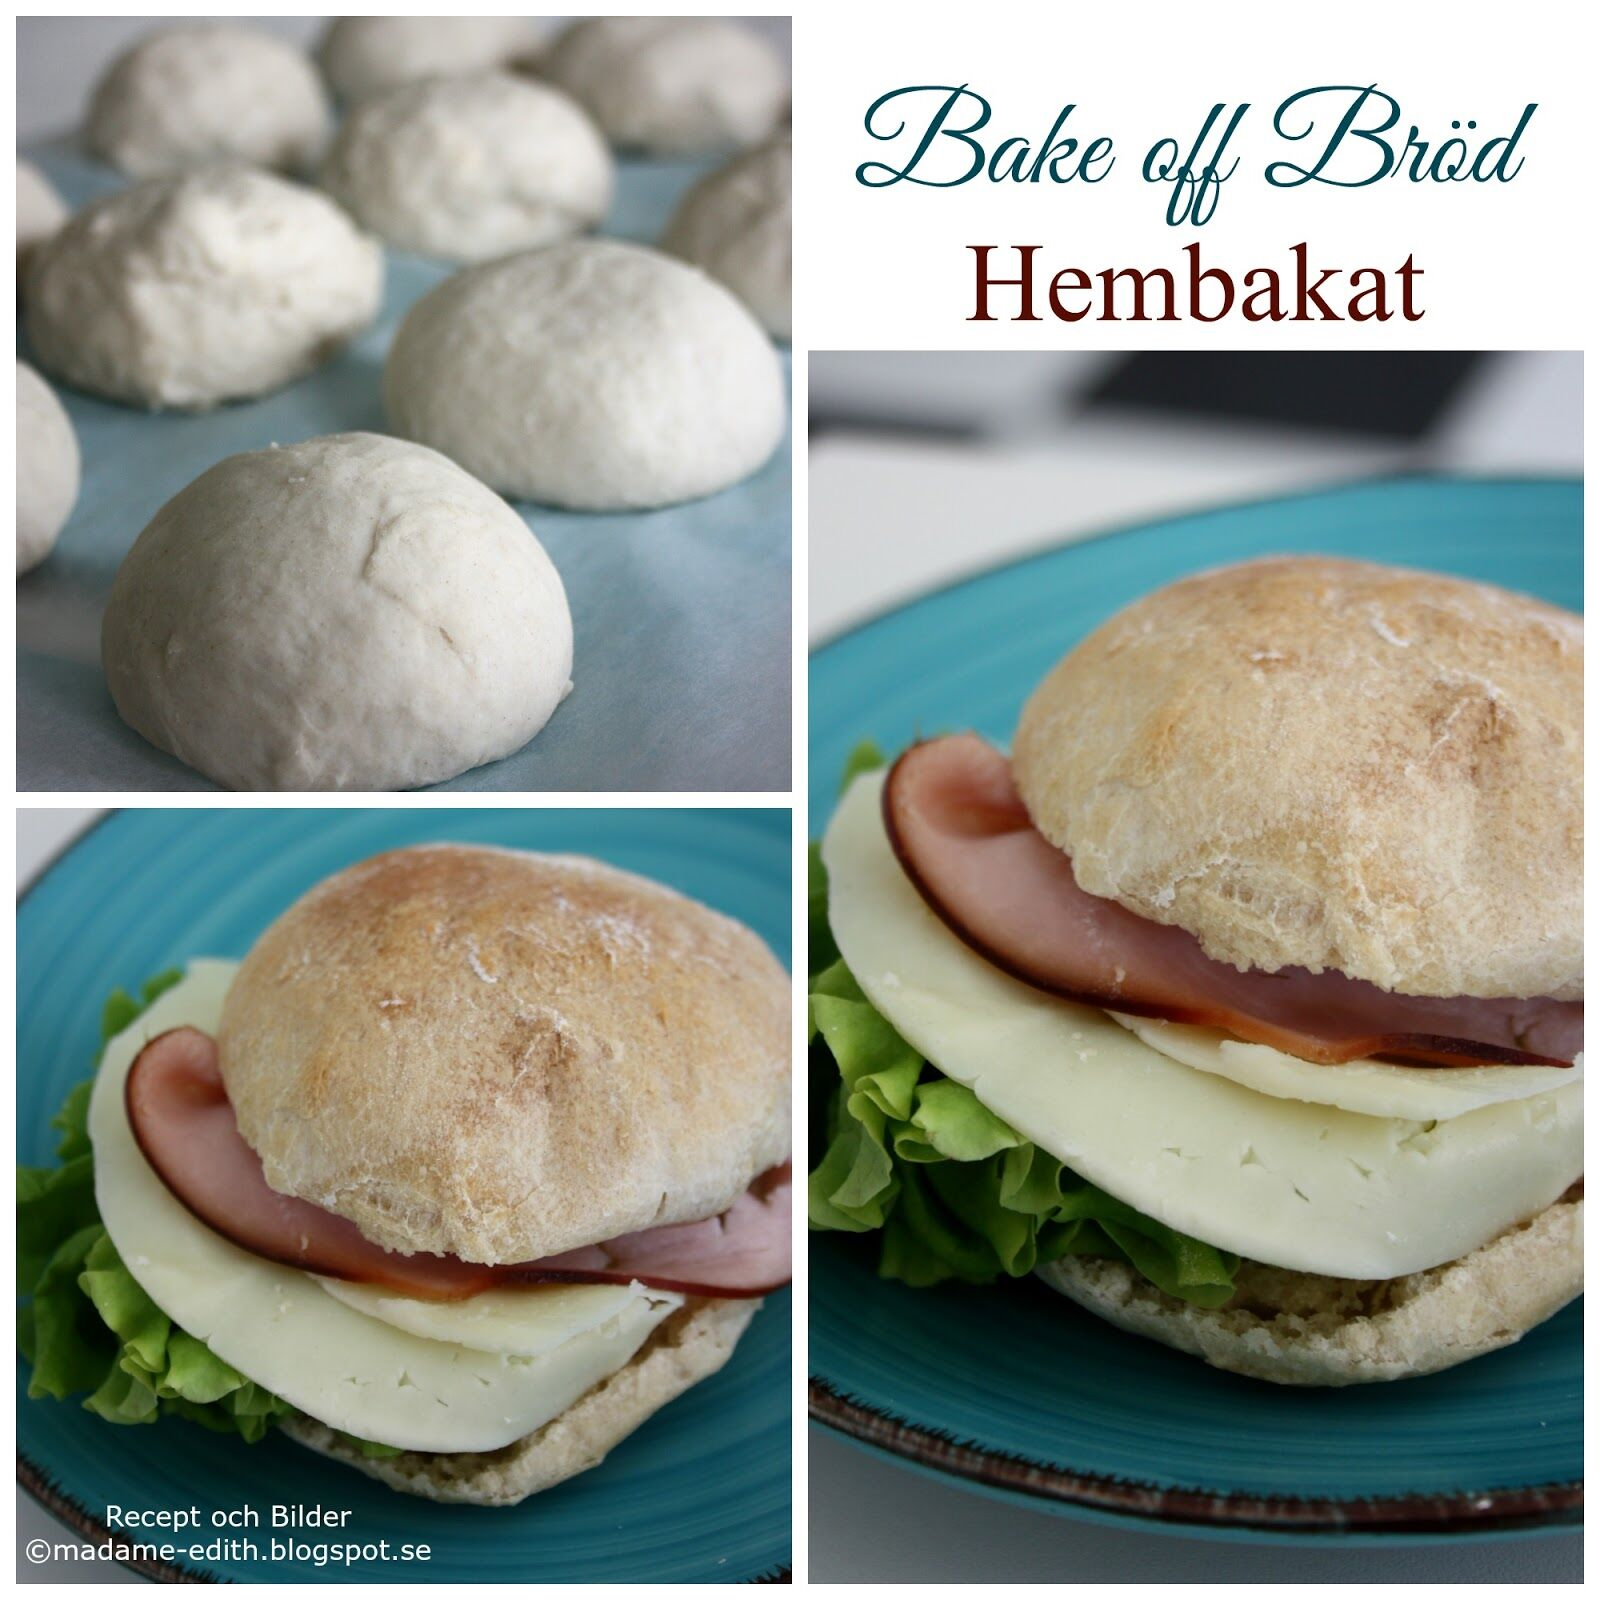 bake of bröd